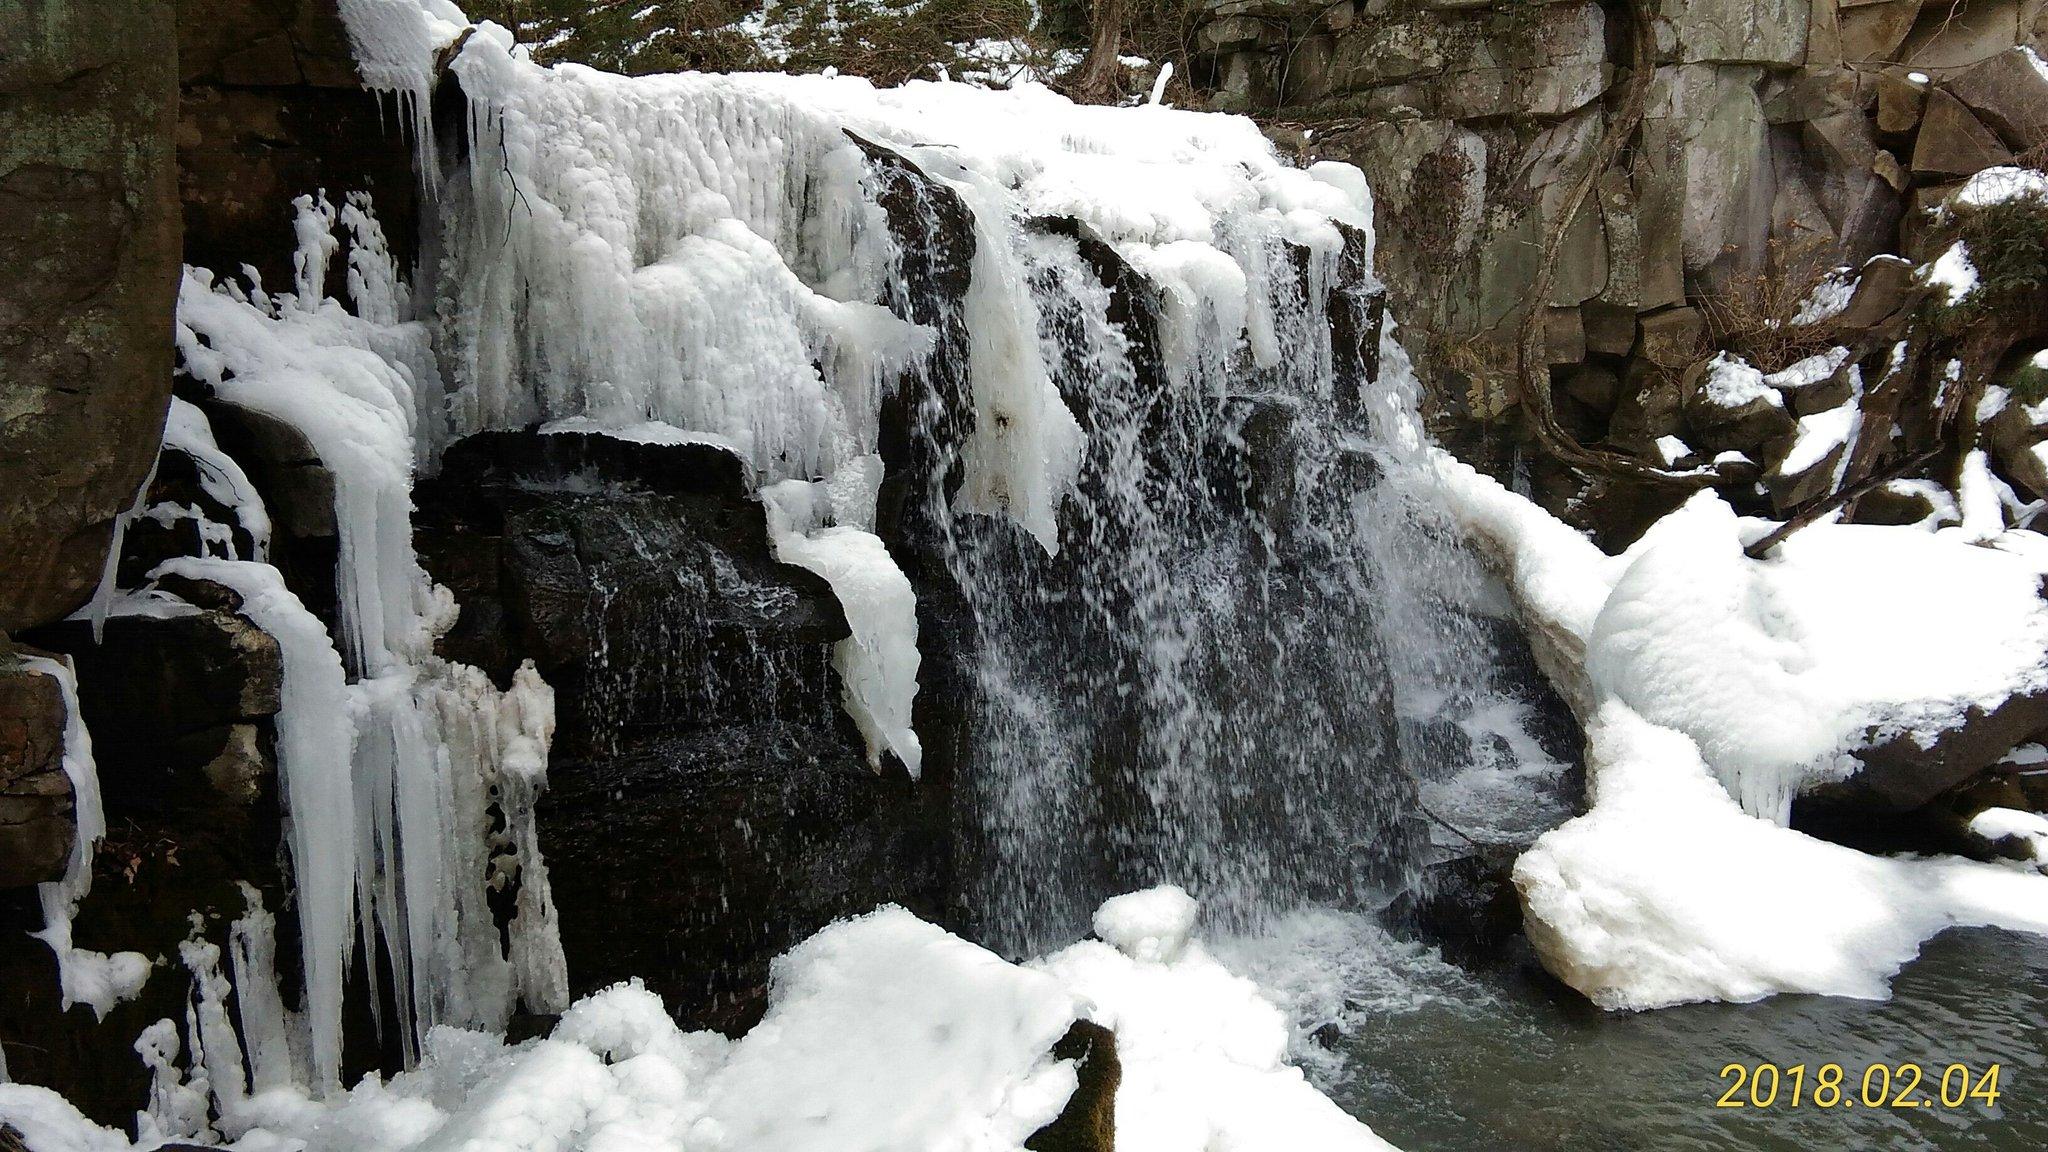 八流の滝(網の輪滝)